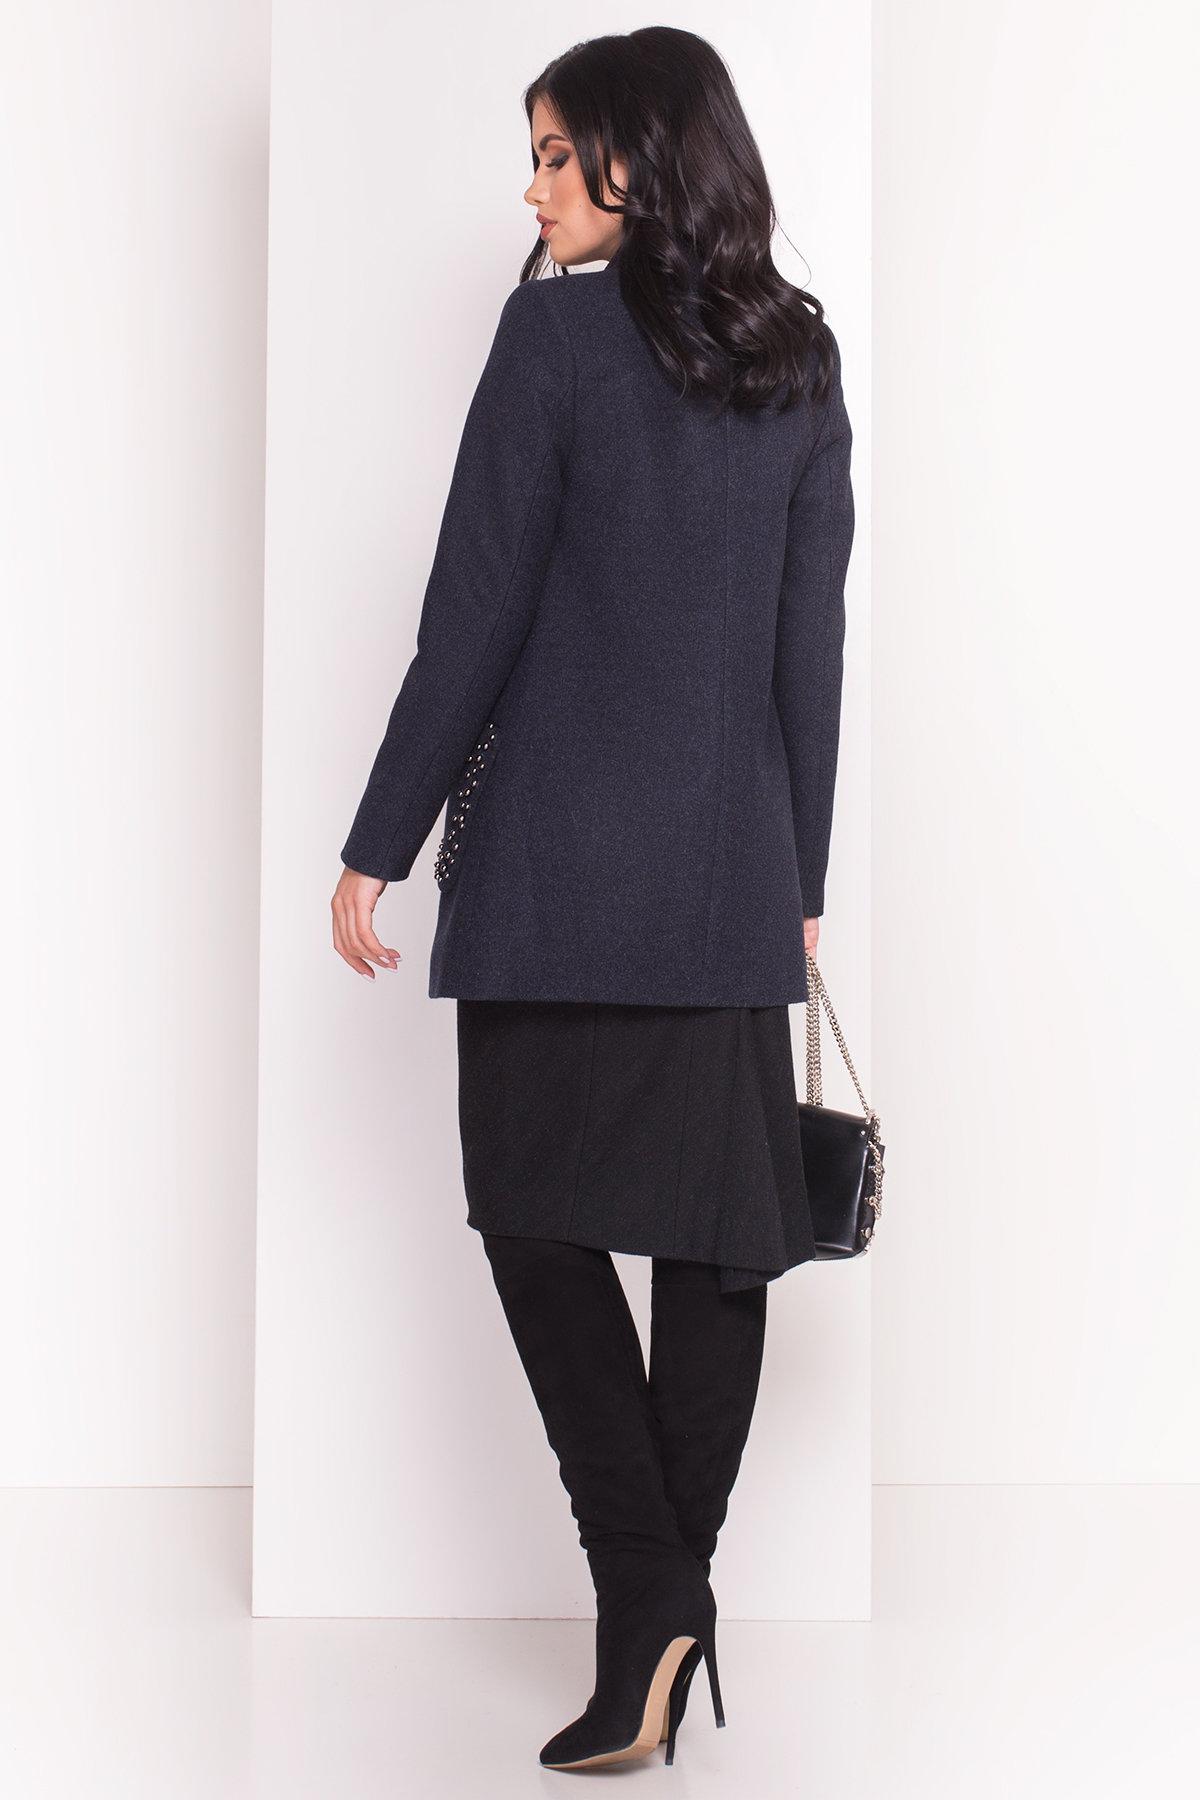 Пальто Даймон 5377 АРТ. 36744 Цвет: Темно-синий 6 - фото 3, интернет магазин tm-modus.ru